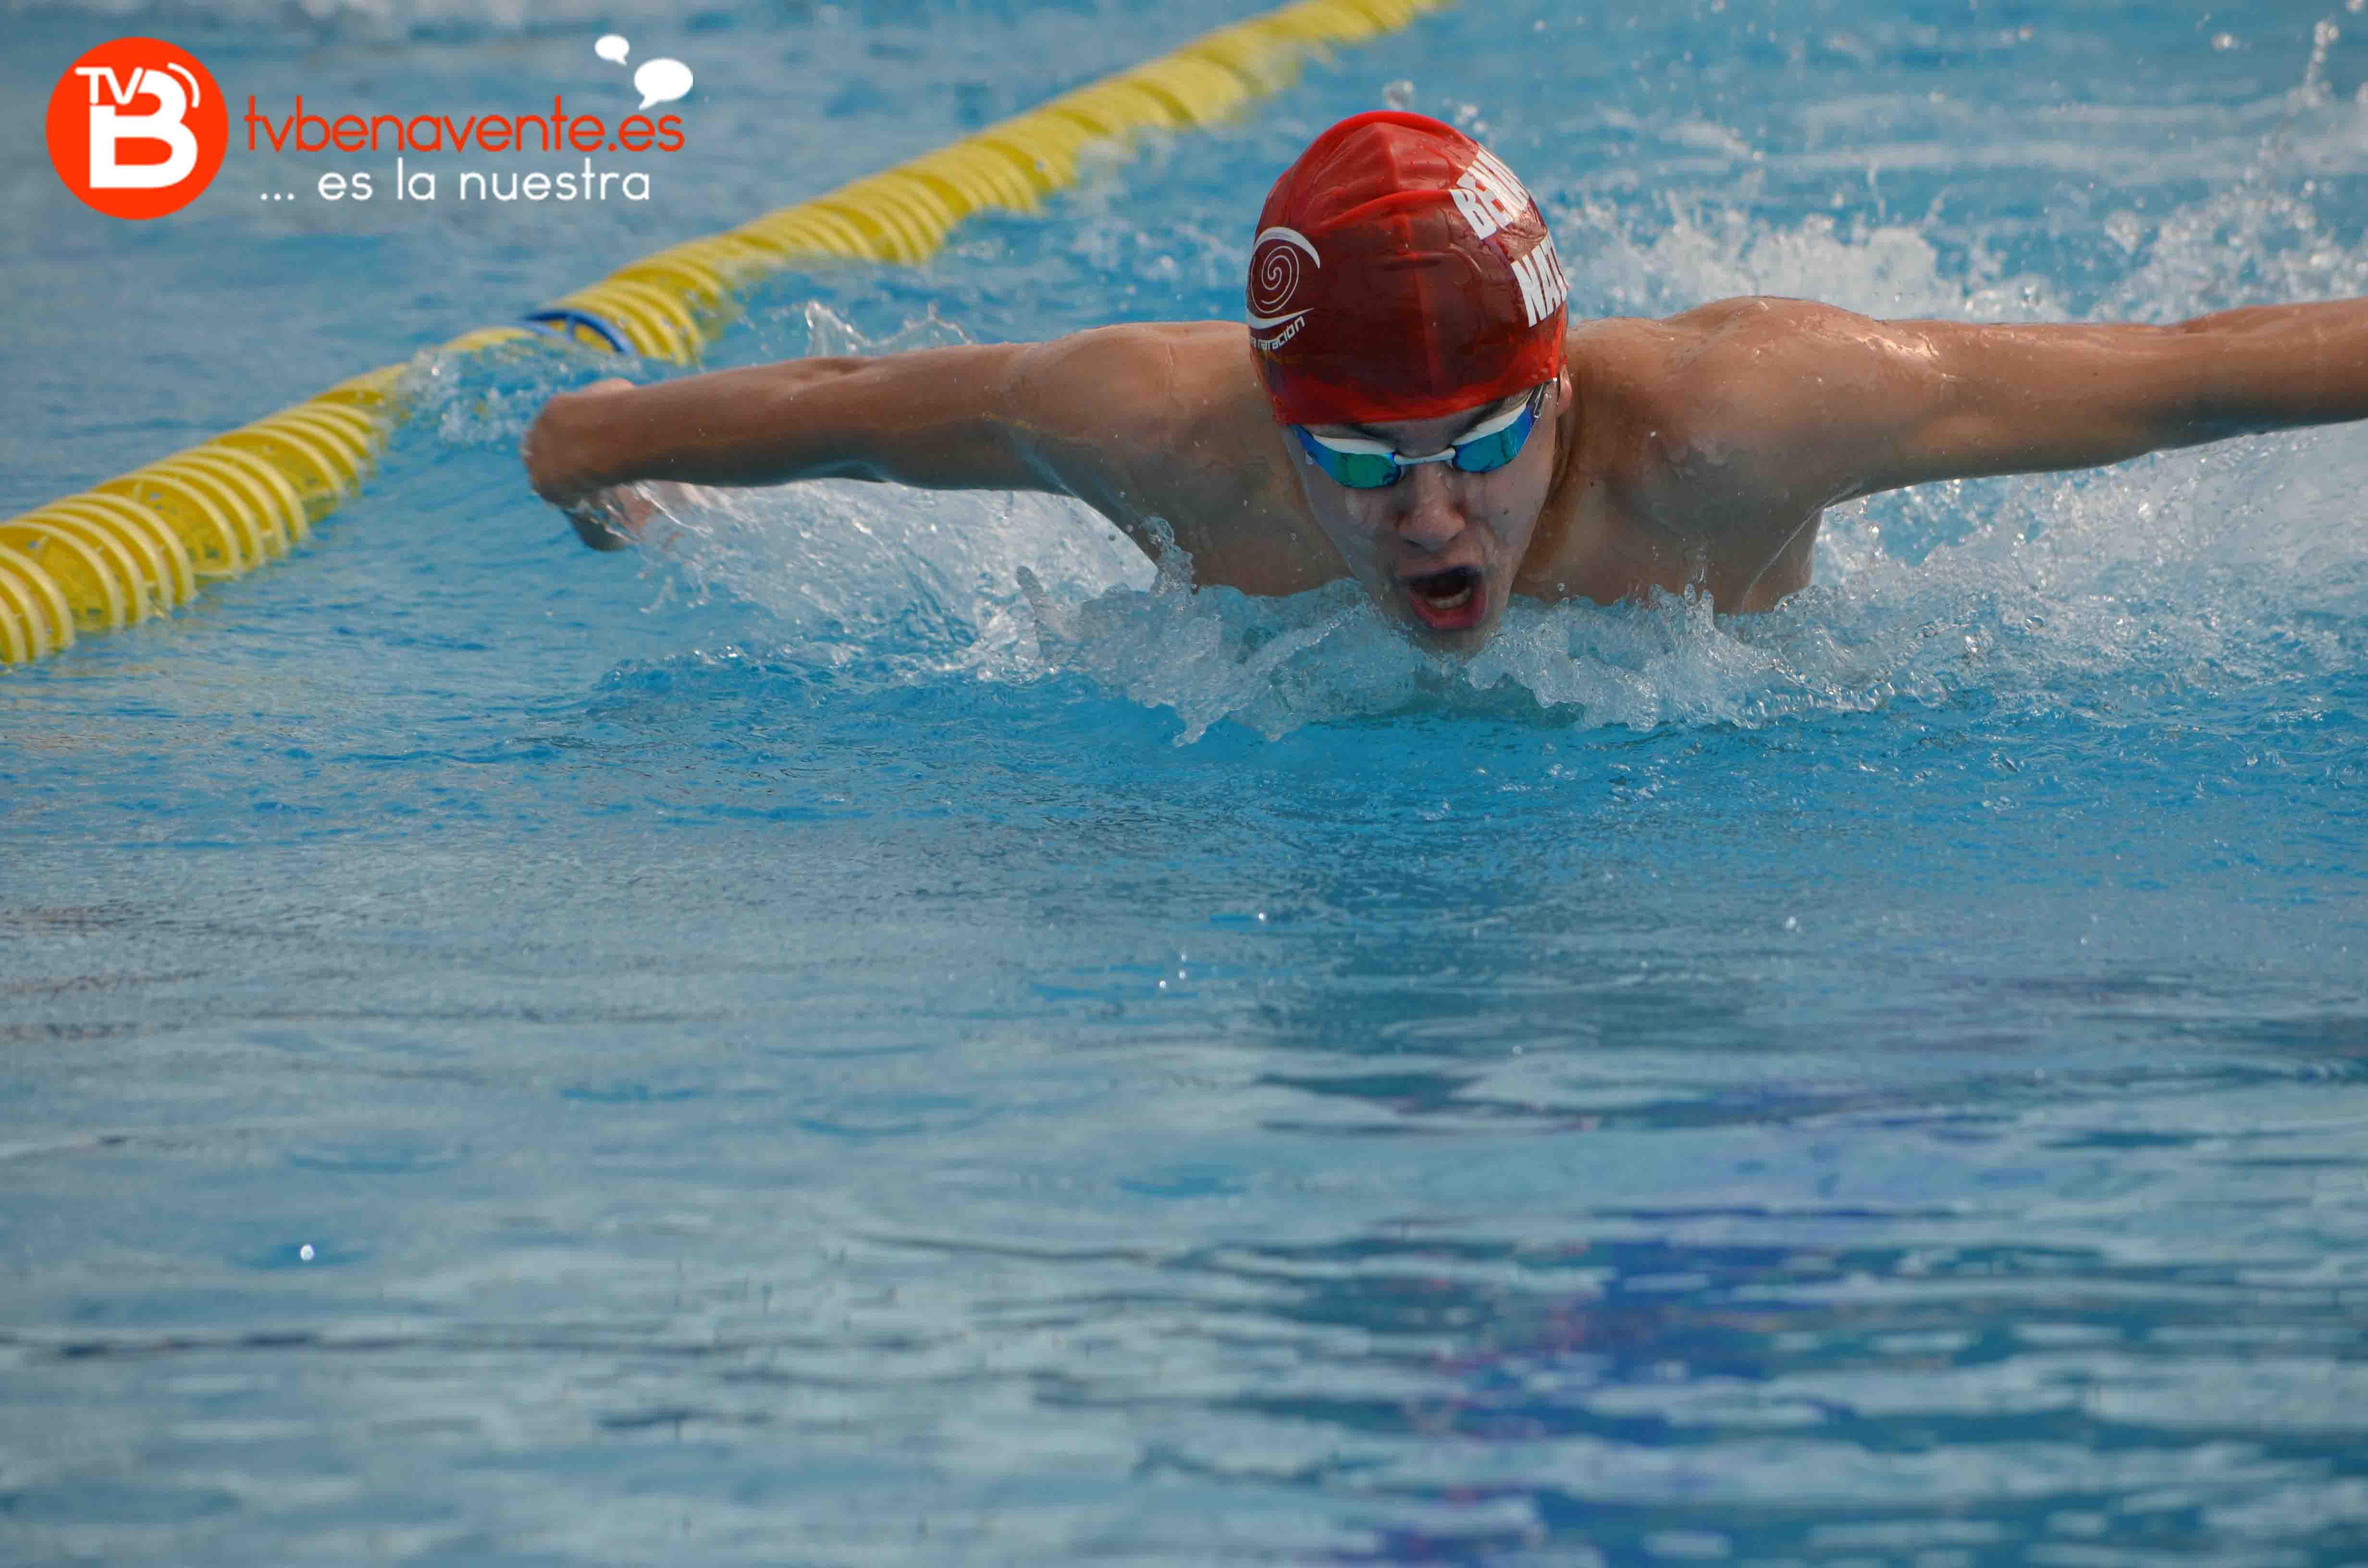 El benavente nataci n arrasa en su trofeo televisi n for Piscinas benavente